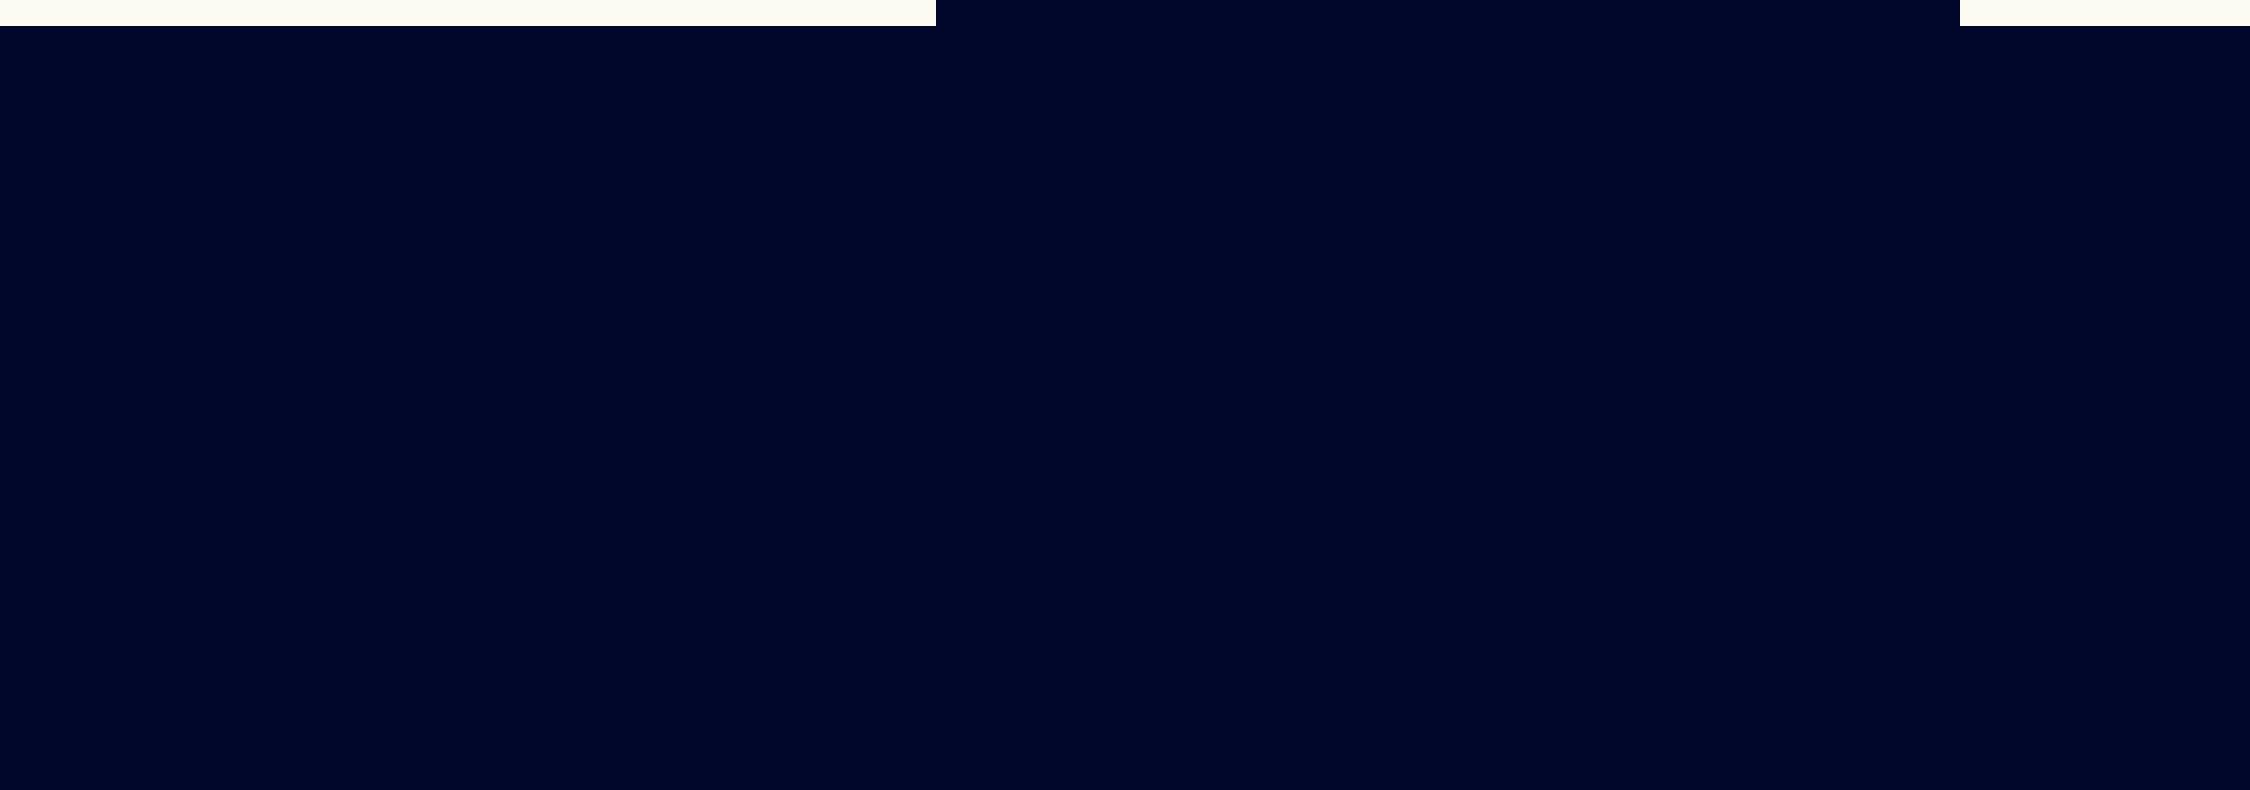 Matthias Rauch - Deutscher Meister der Zauberkunst